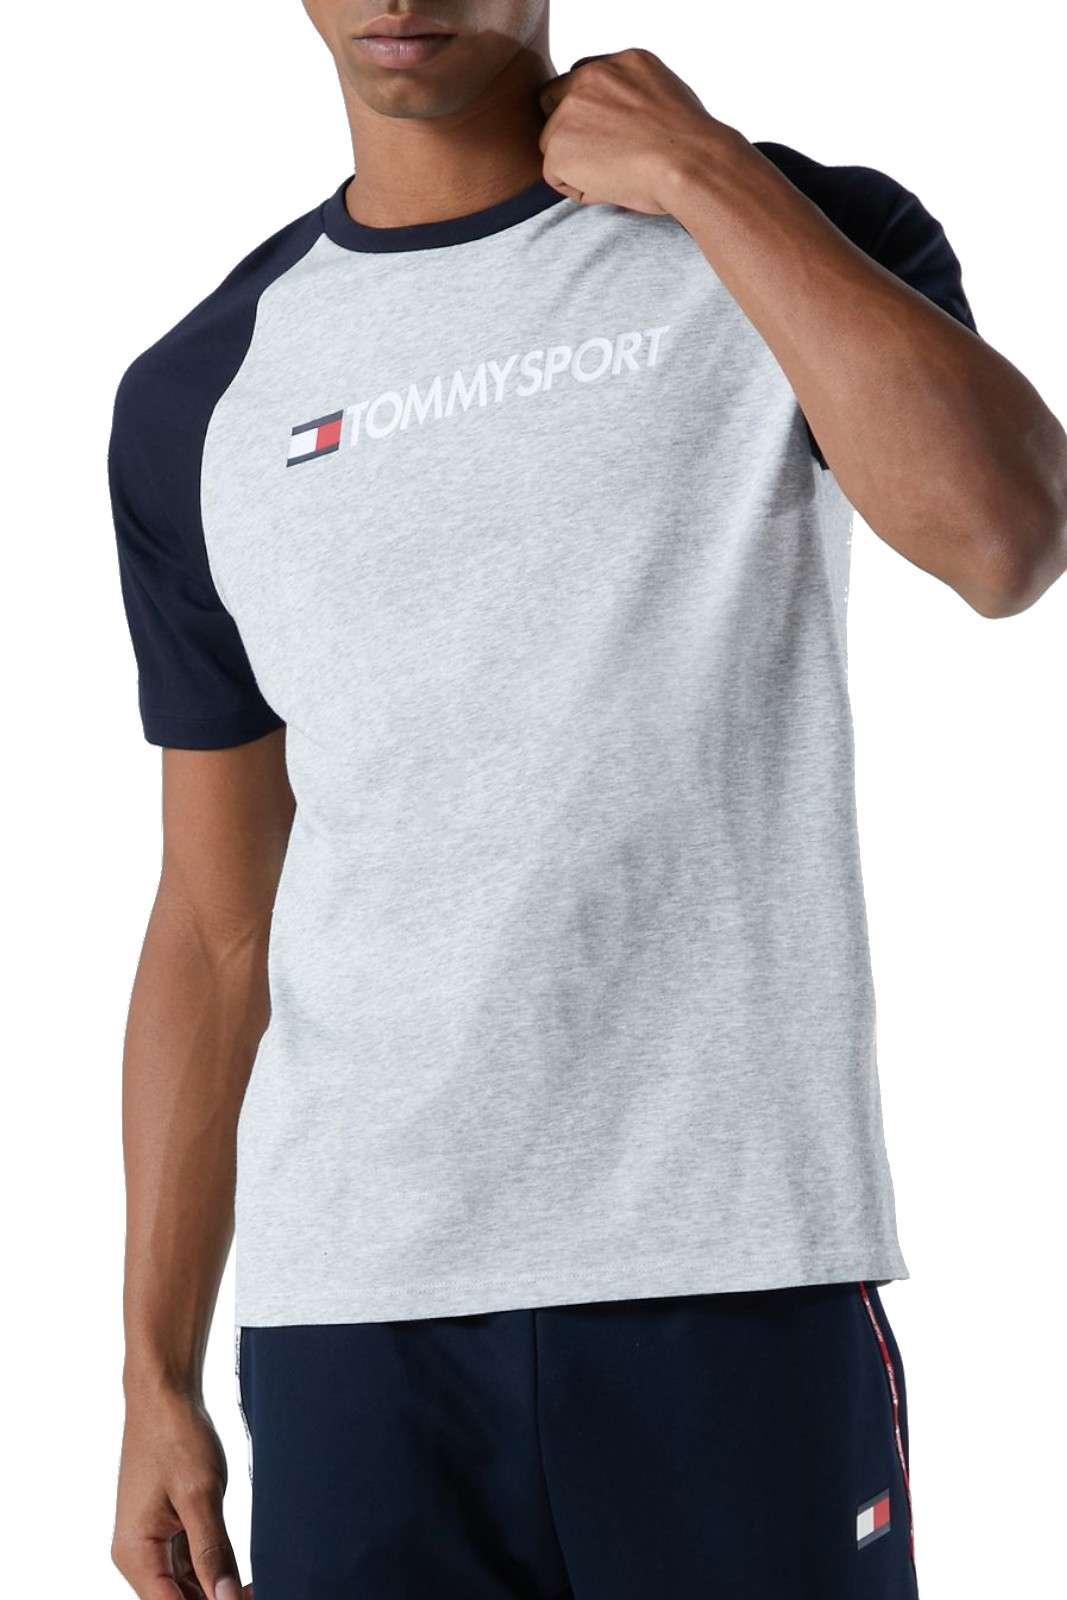 Una t shirt sportiva quella firmata Tommy Hilfiger da uomo. Semplice e leggera, perfetta per fare sport o da indossare nelle calde giornate estive. Abbinata ad un pantaloncino o ad un pantalone sportivo è un must have.